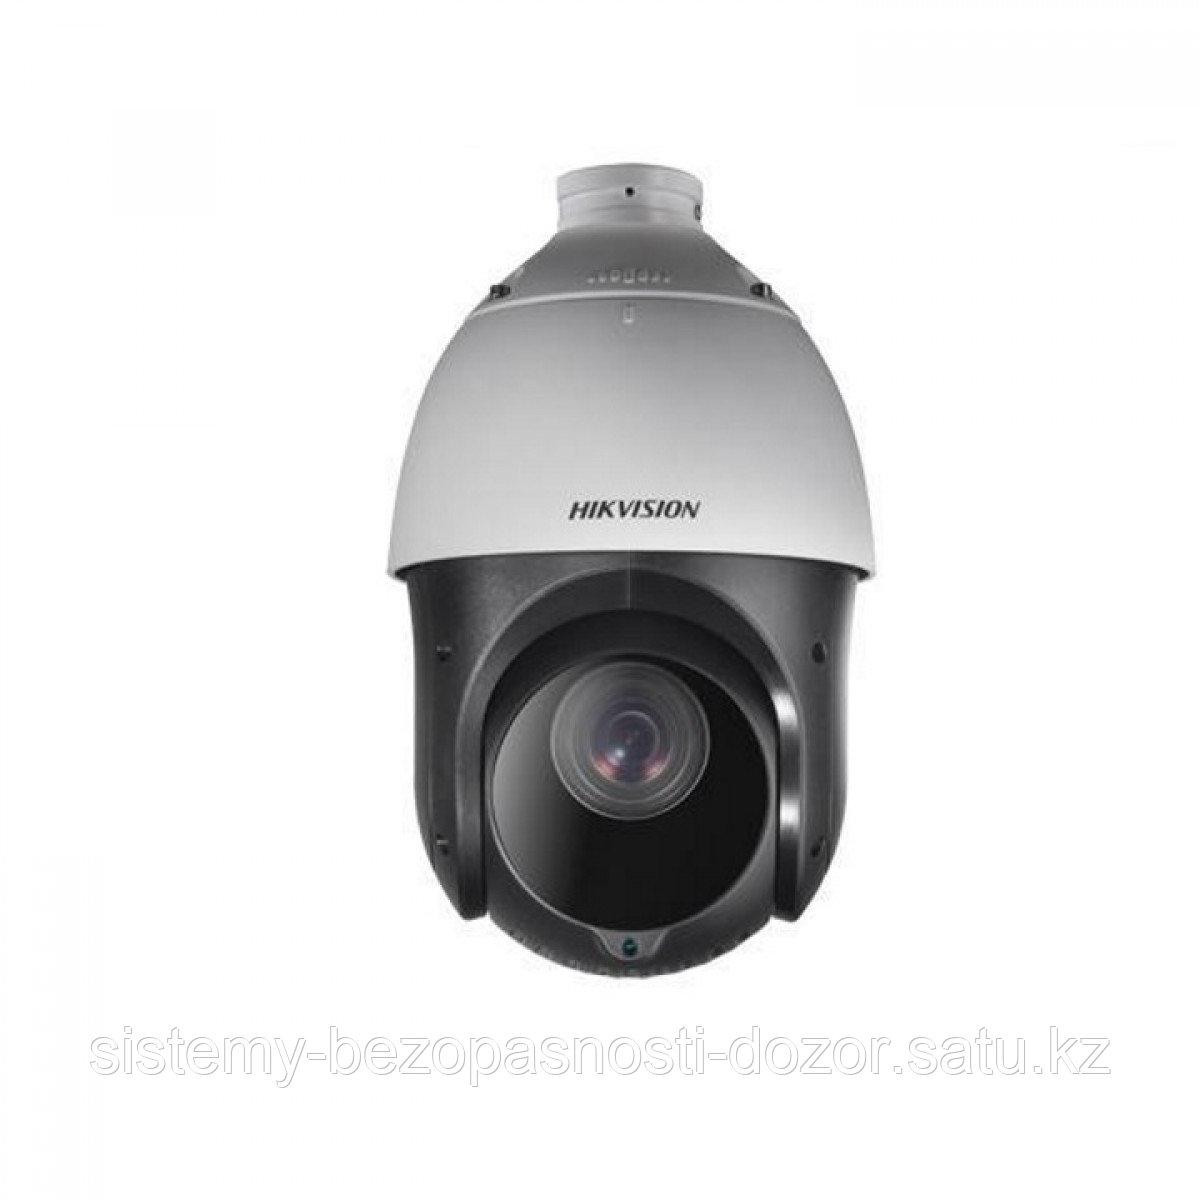 Управляемая скоростная поворотная камера видеонаблюдения Hikvision DS-2AE4223TI-D